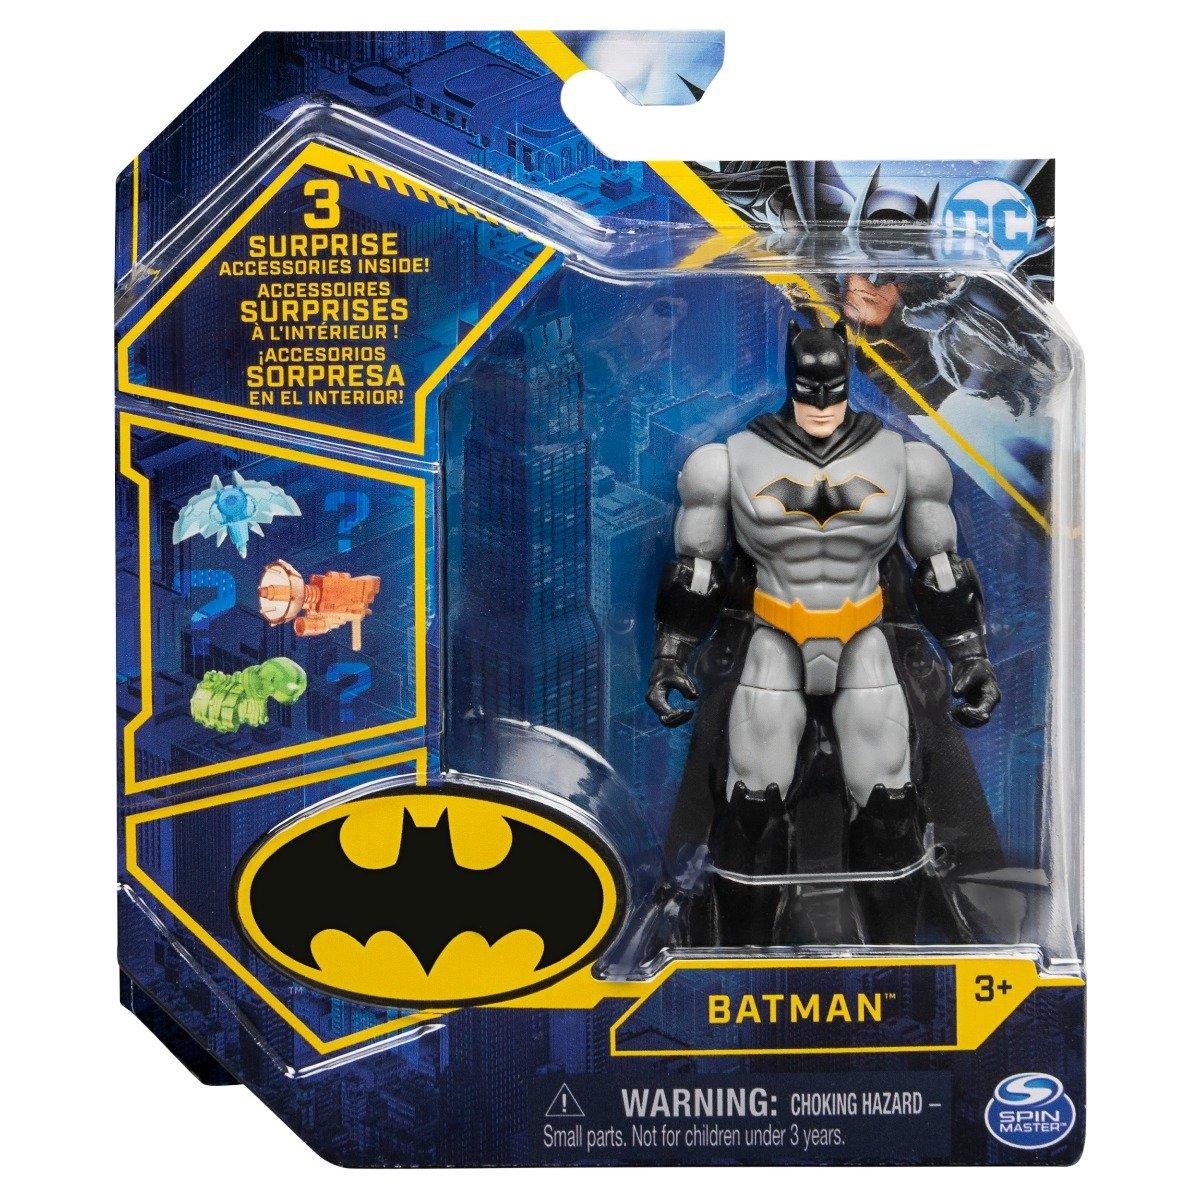 Set Figurina cu accesorii surpriza Batman 20129807